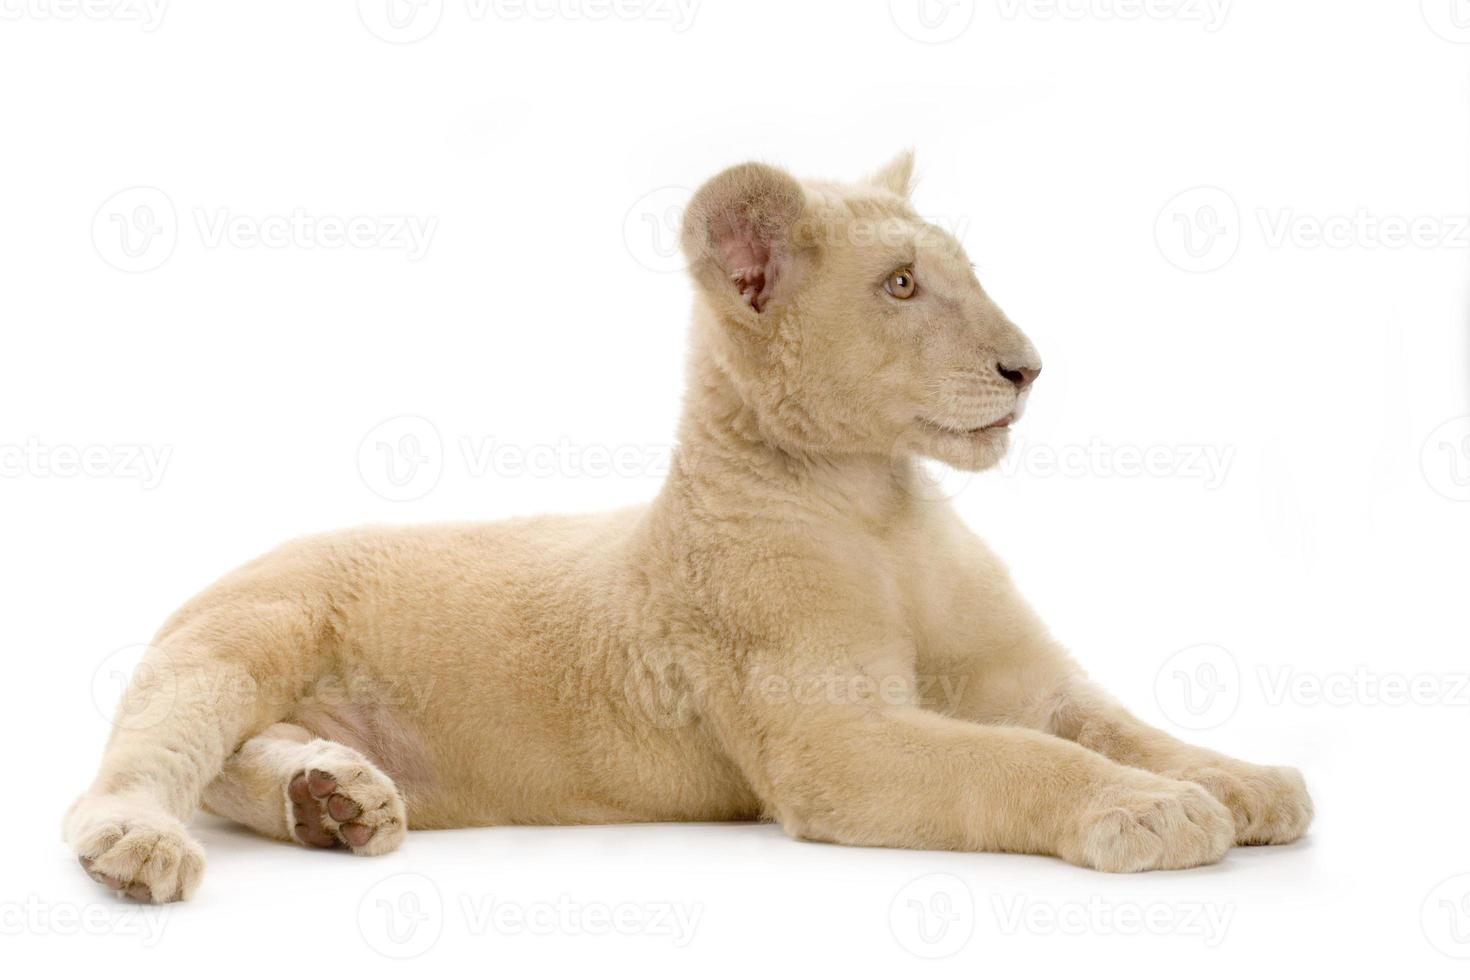 filhote de leão branco (5 meses) foto